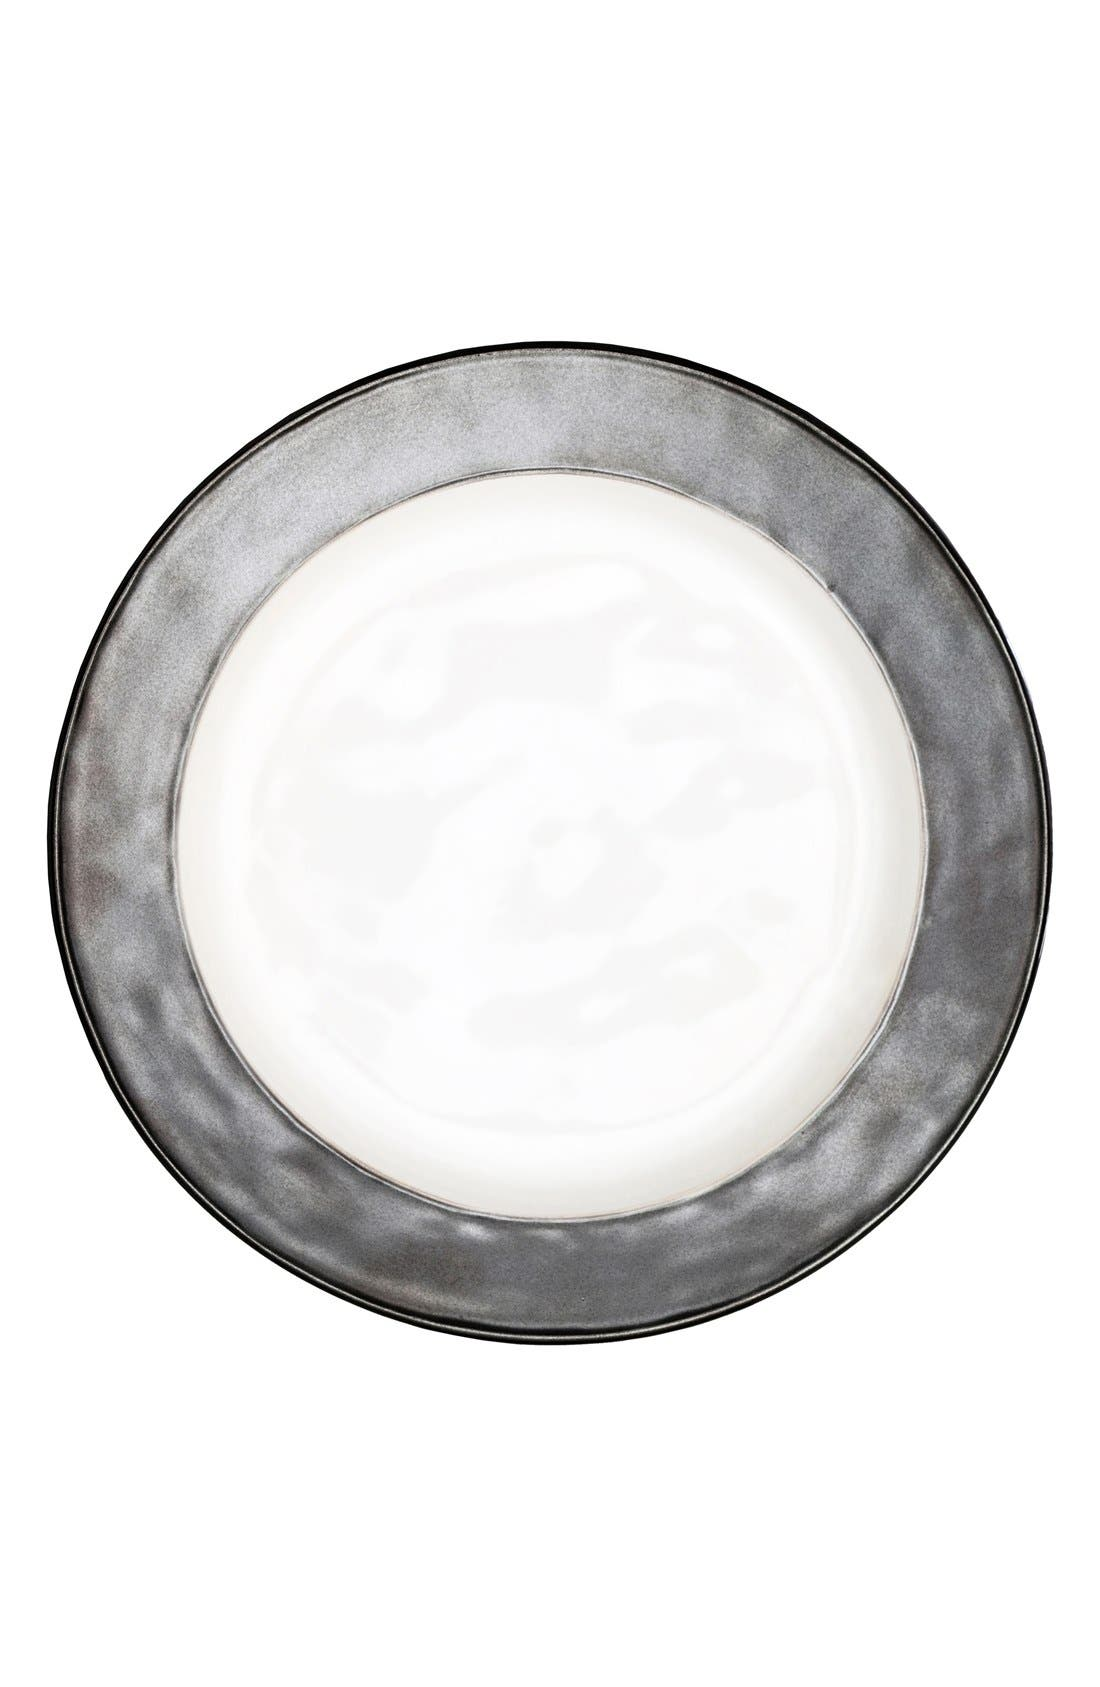 JULISKA 'Emerson' Dinner Plate